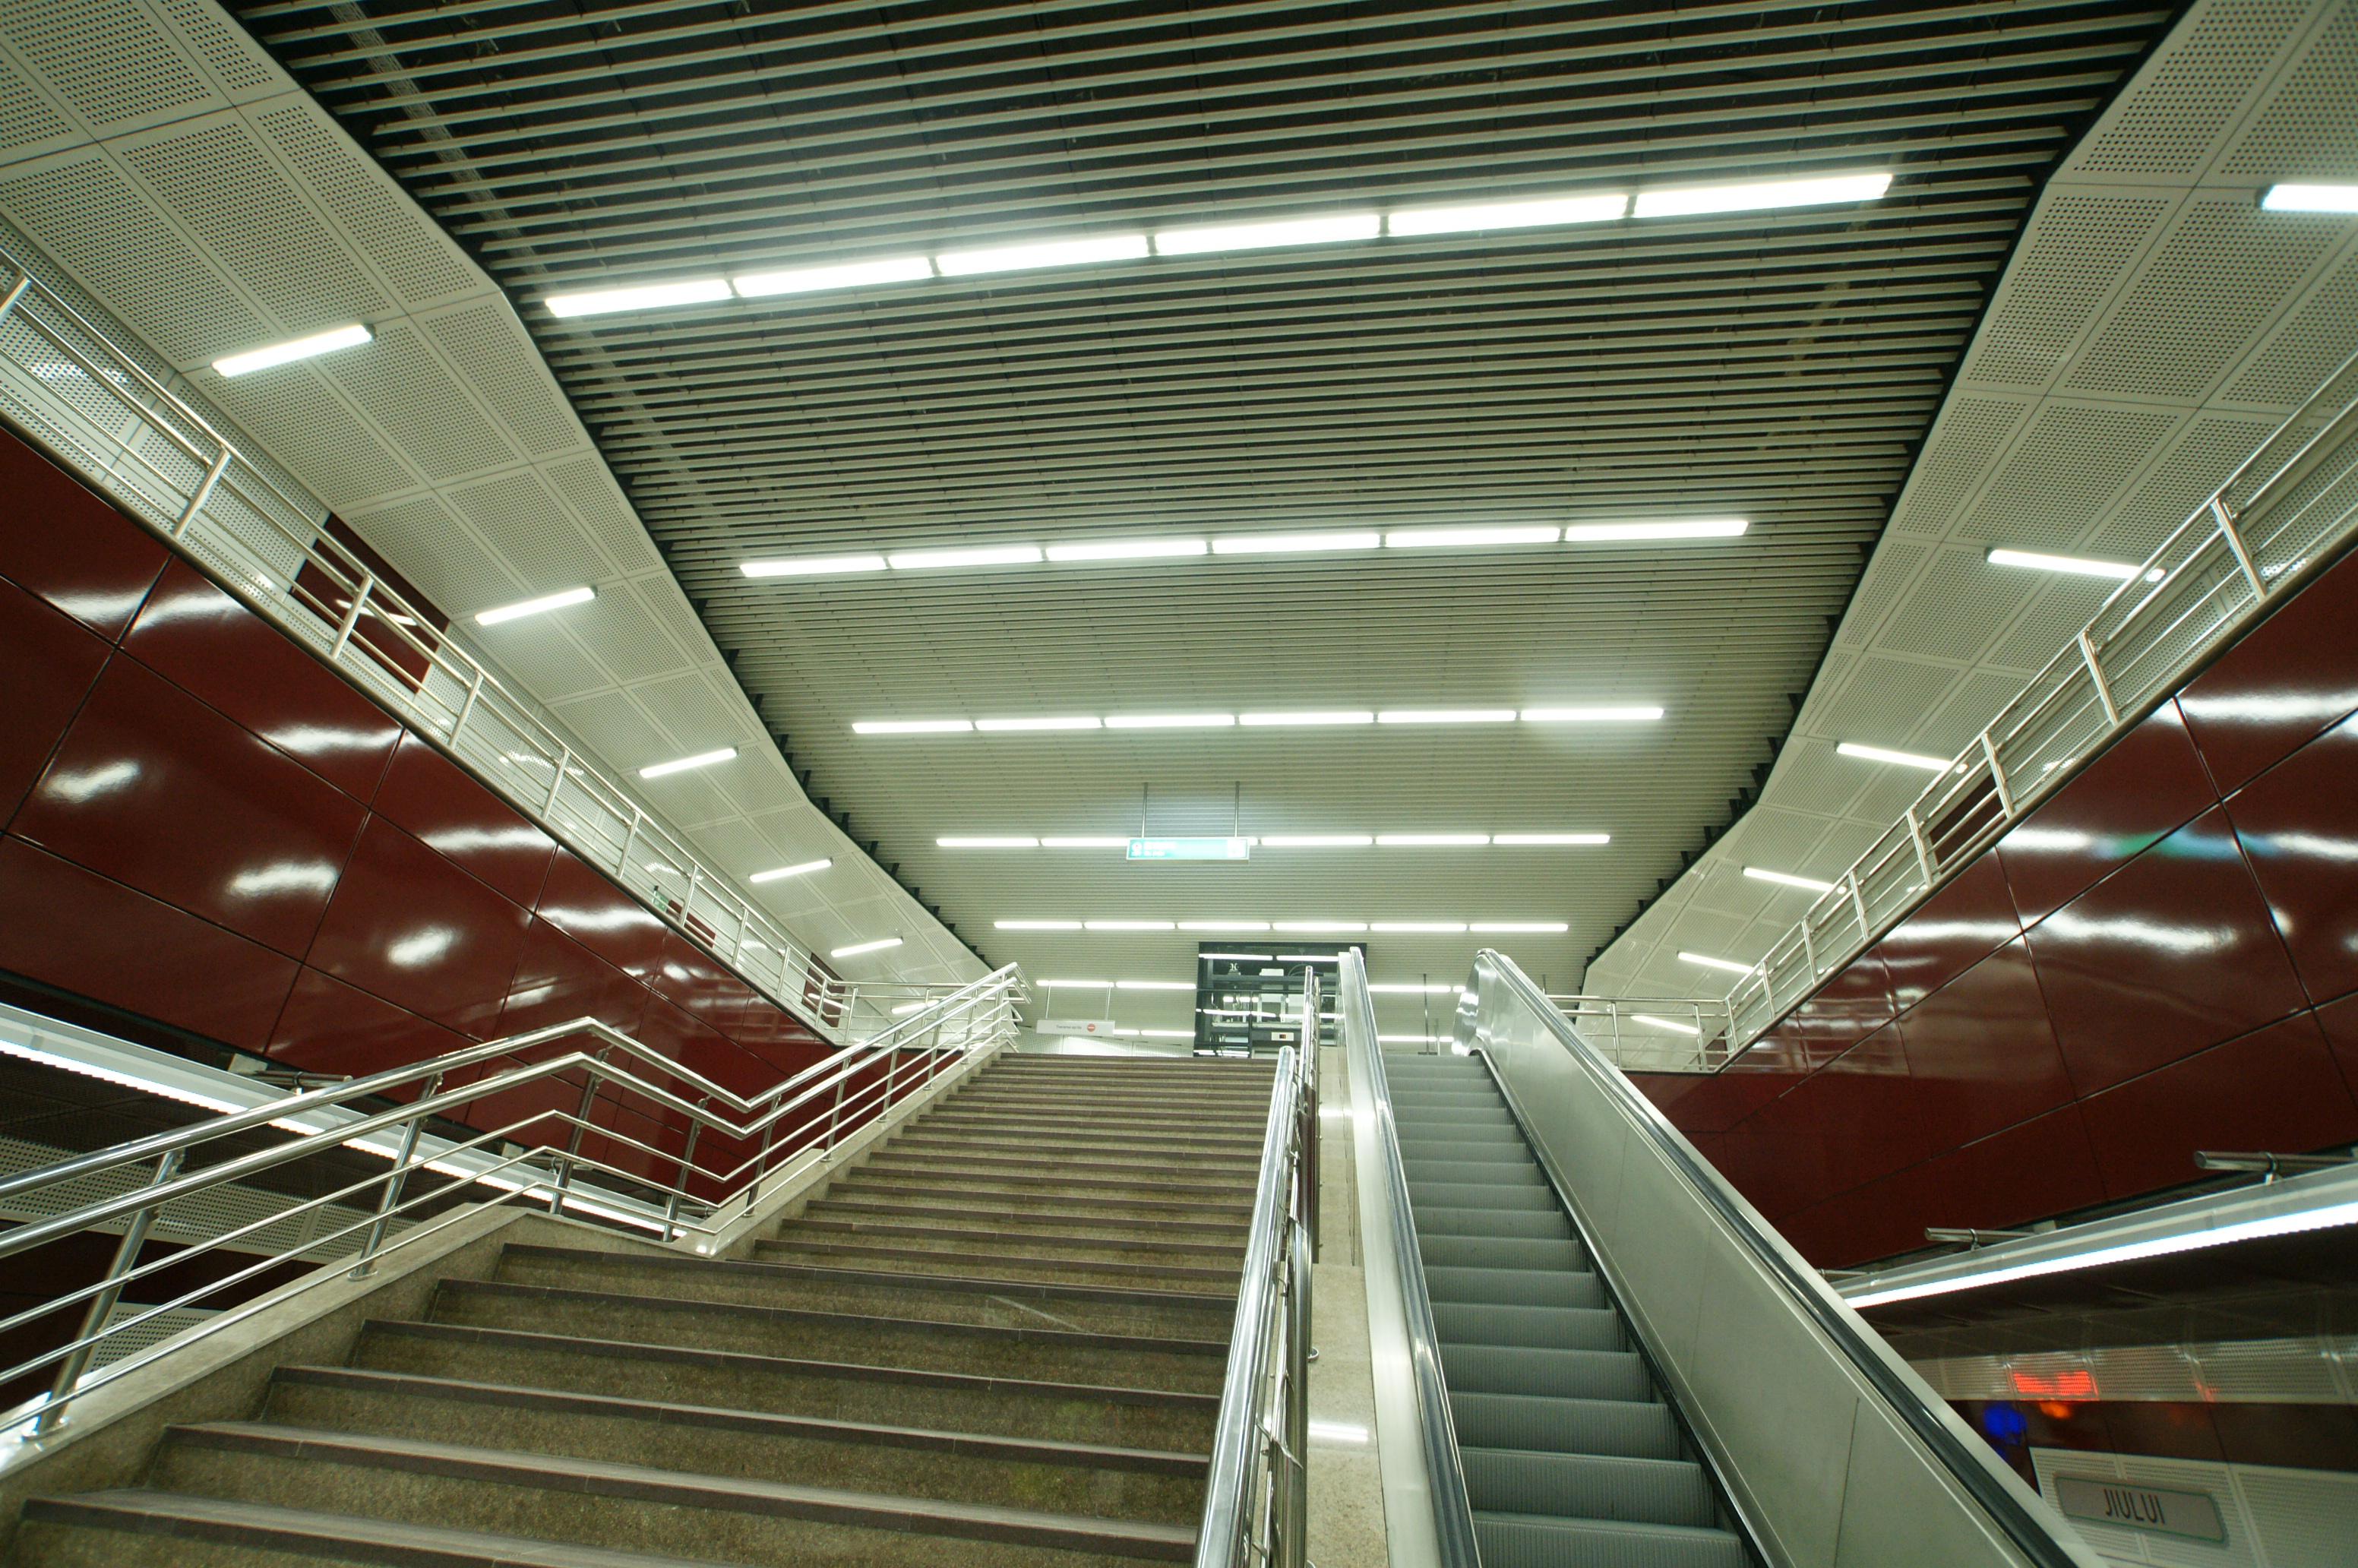 Panouri din tabla de otel folosite la statia de metrou Jiului OMERAS - Poza 5